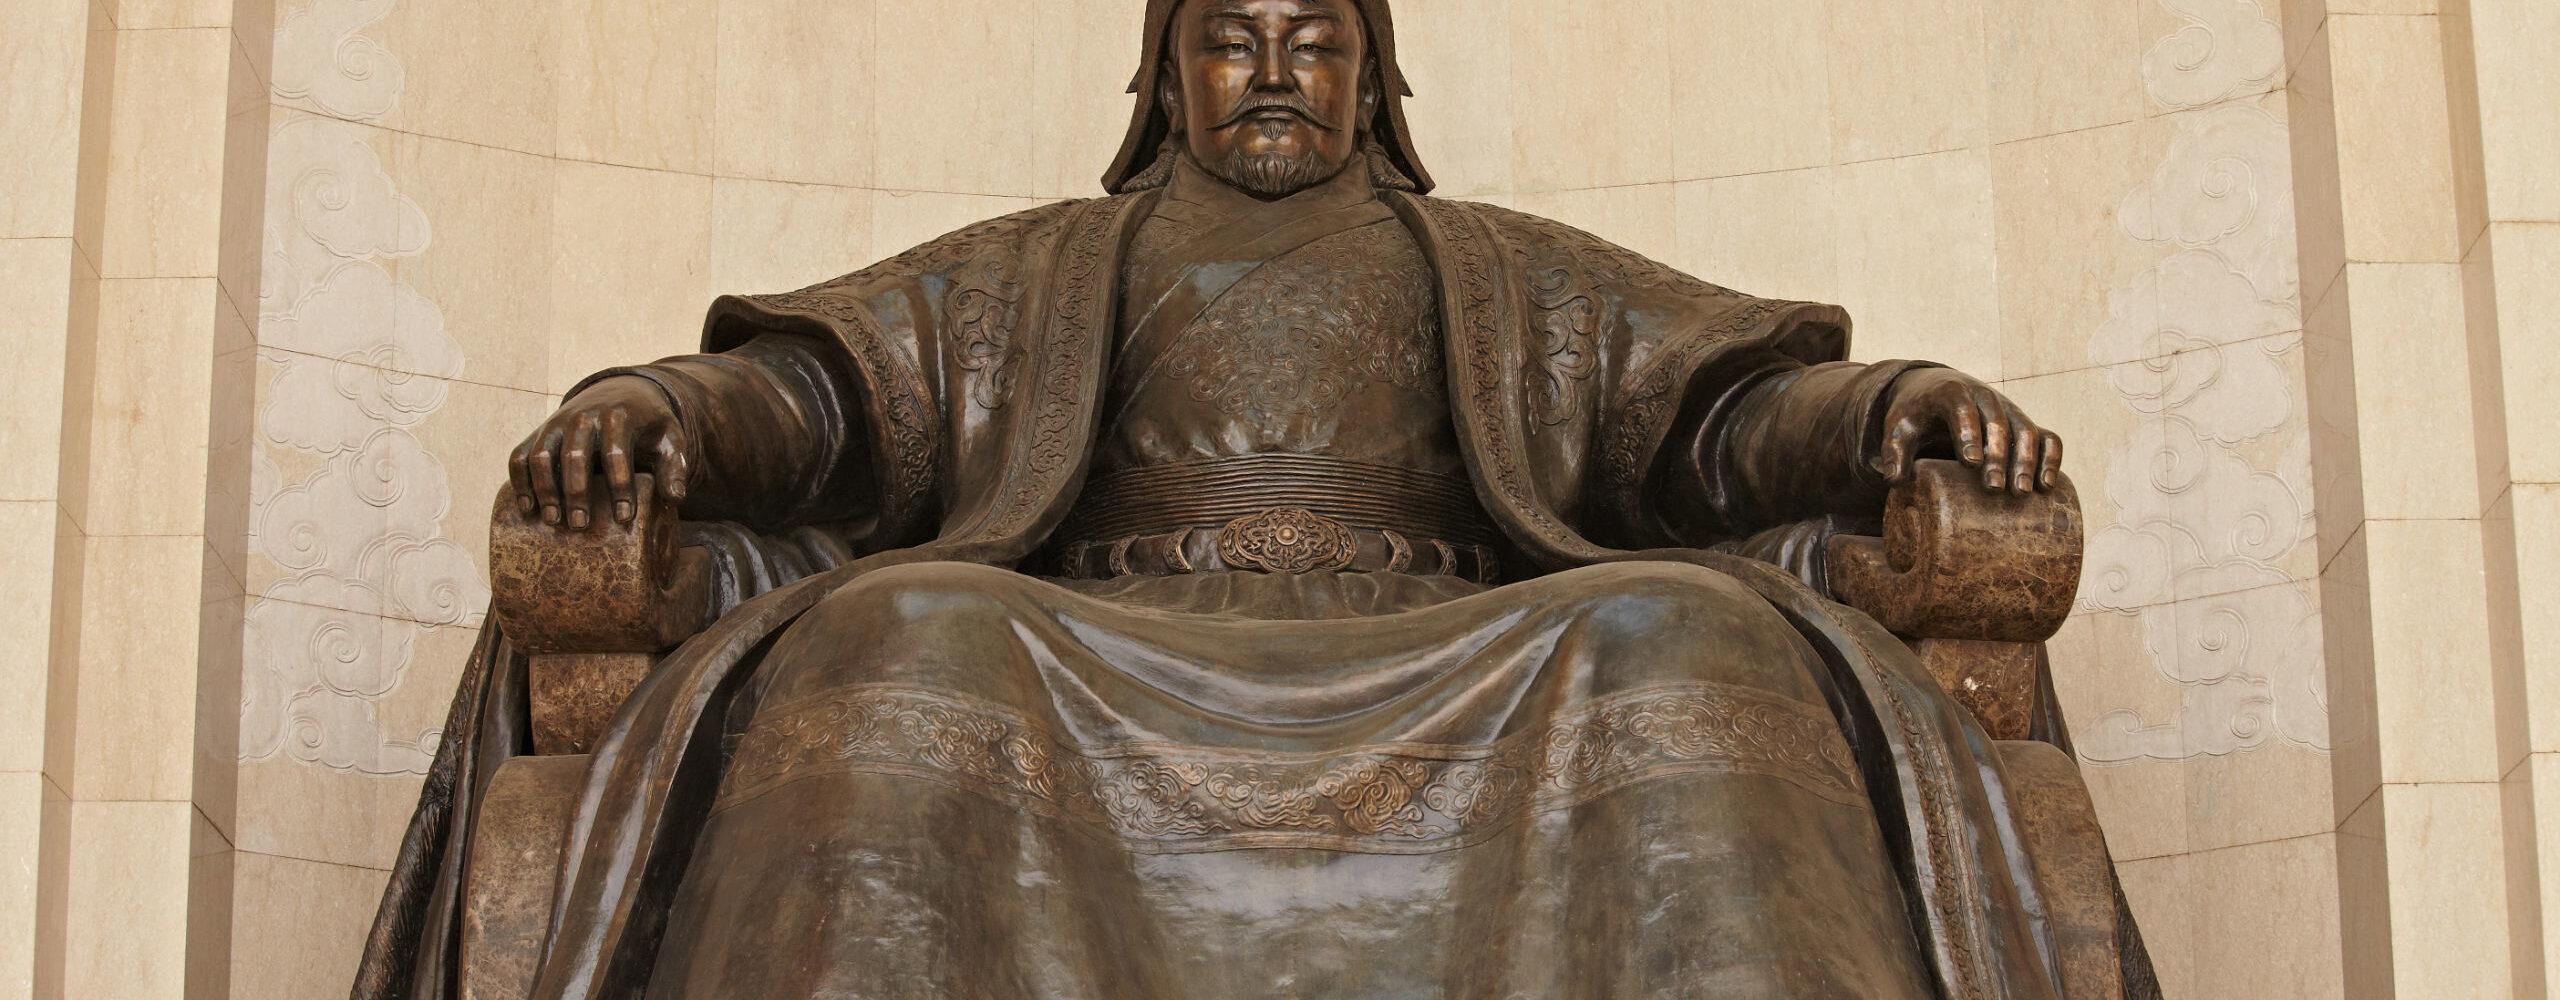 Монголия. Улан-Батор или Красный богатырь.